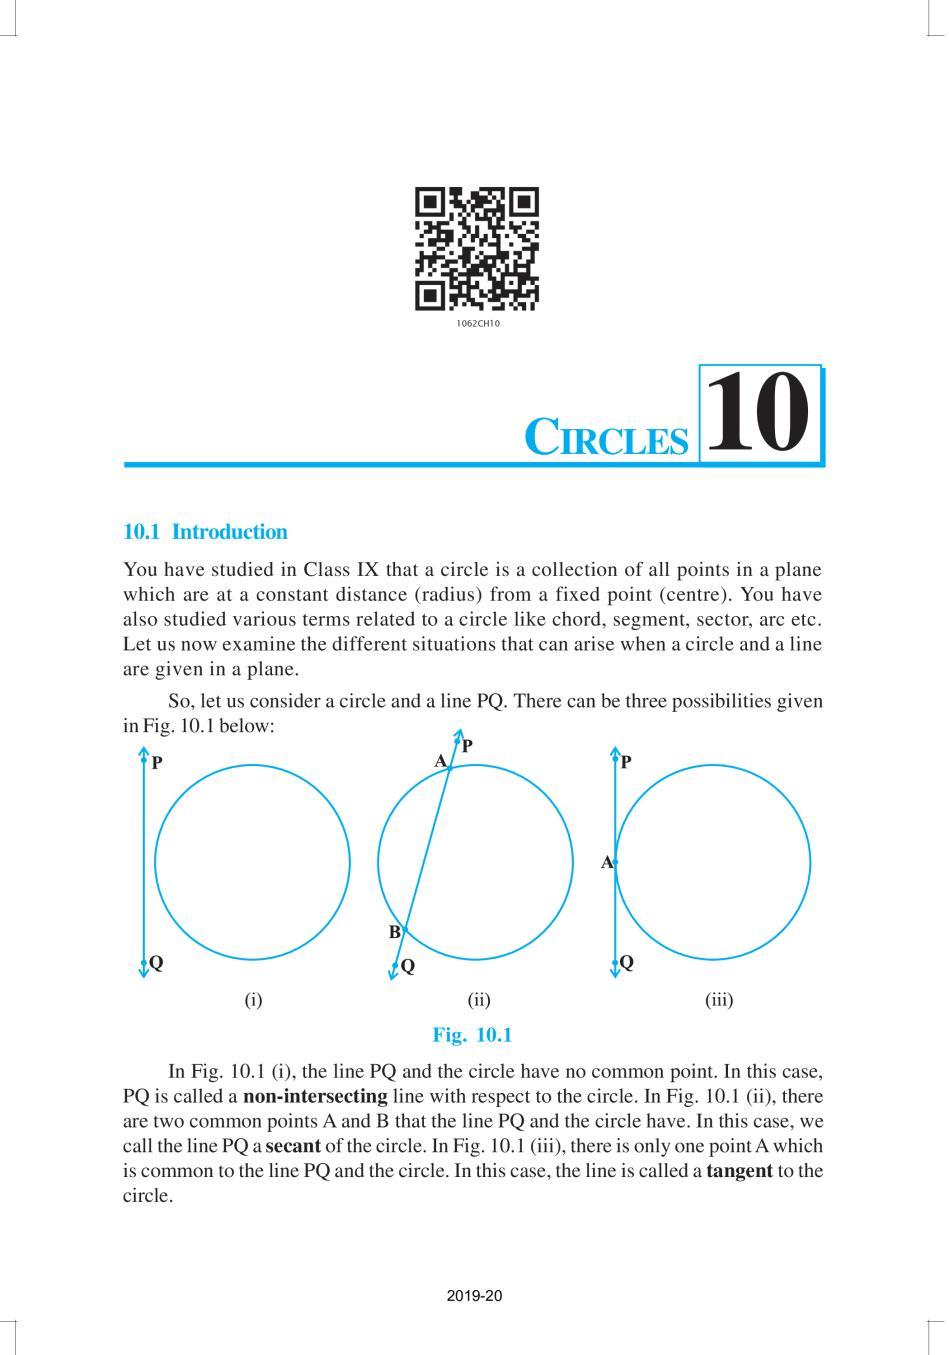 NCERT Book Class 10 Maths Chapter 10 Circles - Page 1